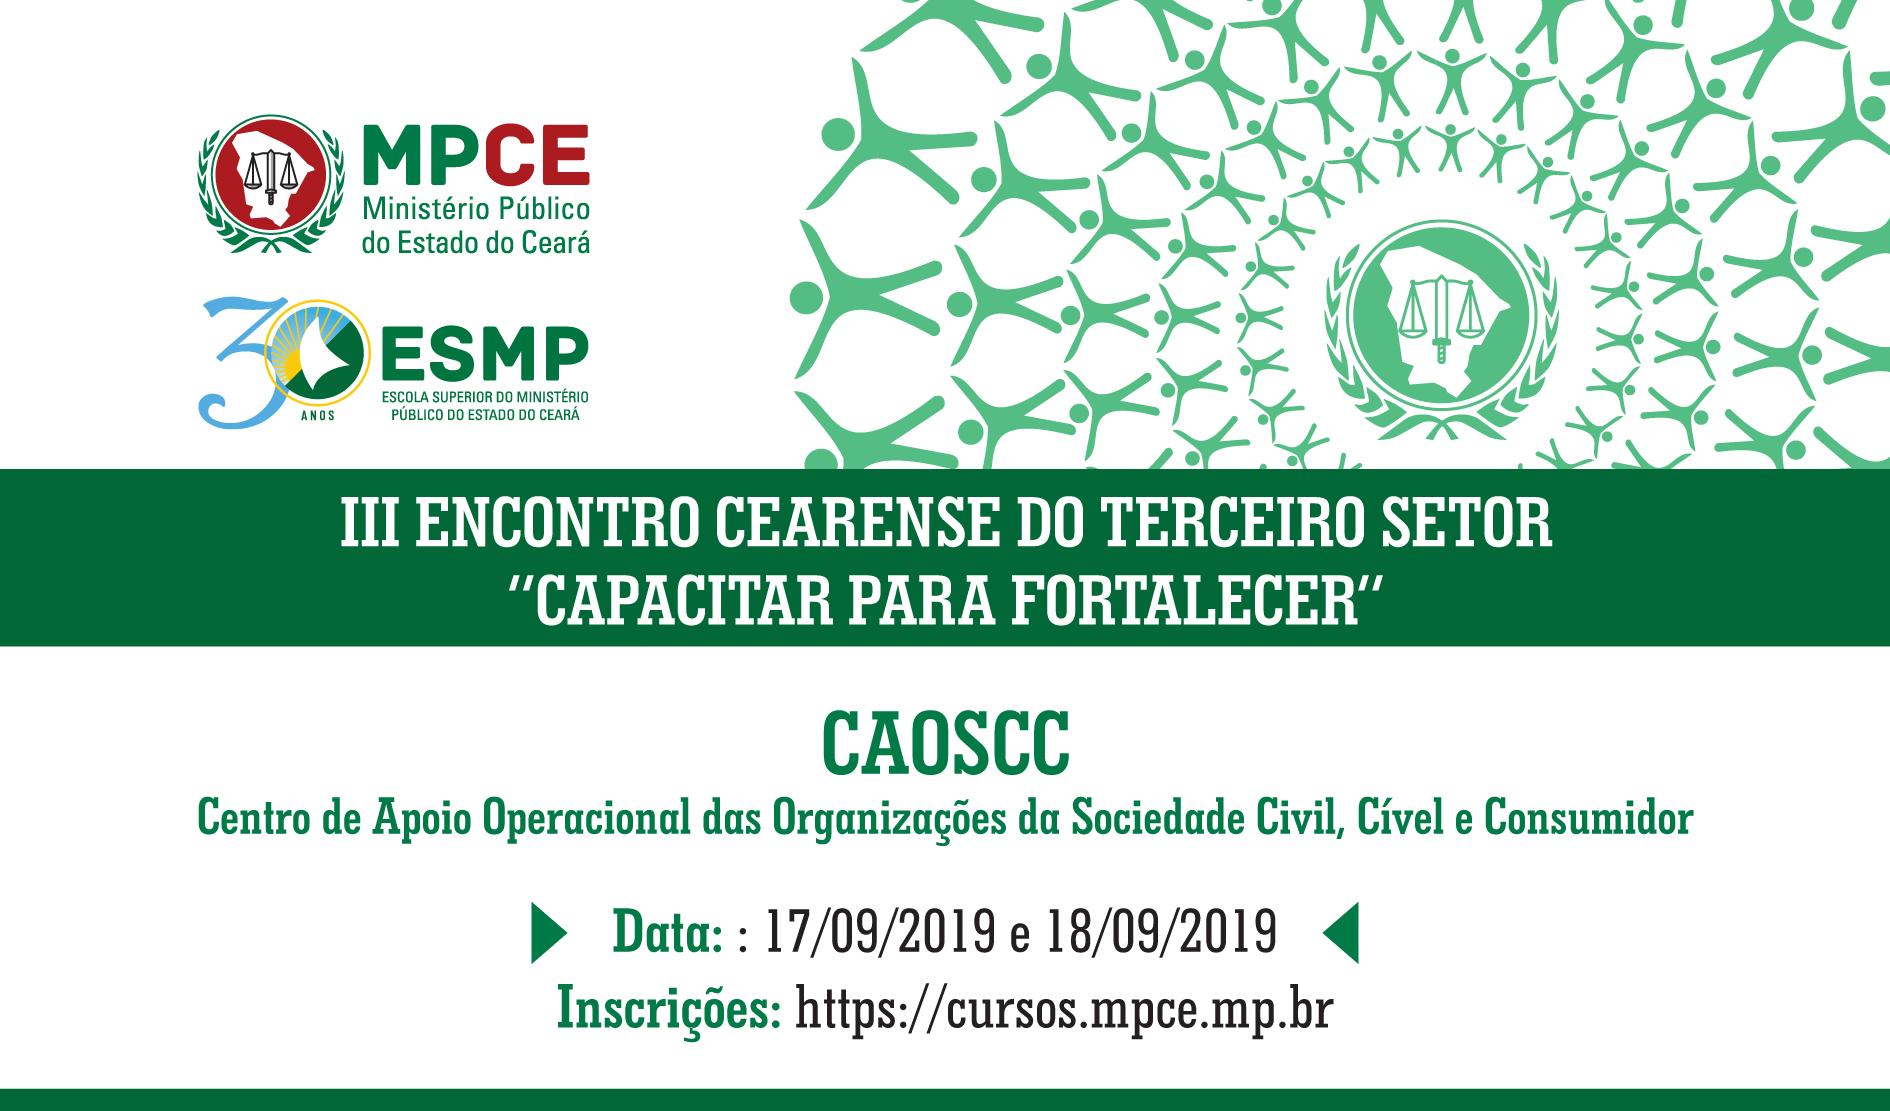 III ENCONTRO CEARENSE DO TERCEIRO SETOR: CAPACITAR PARA FORTALECER